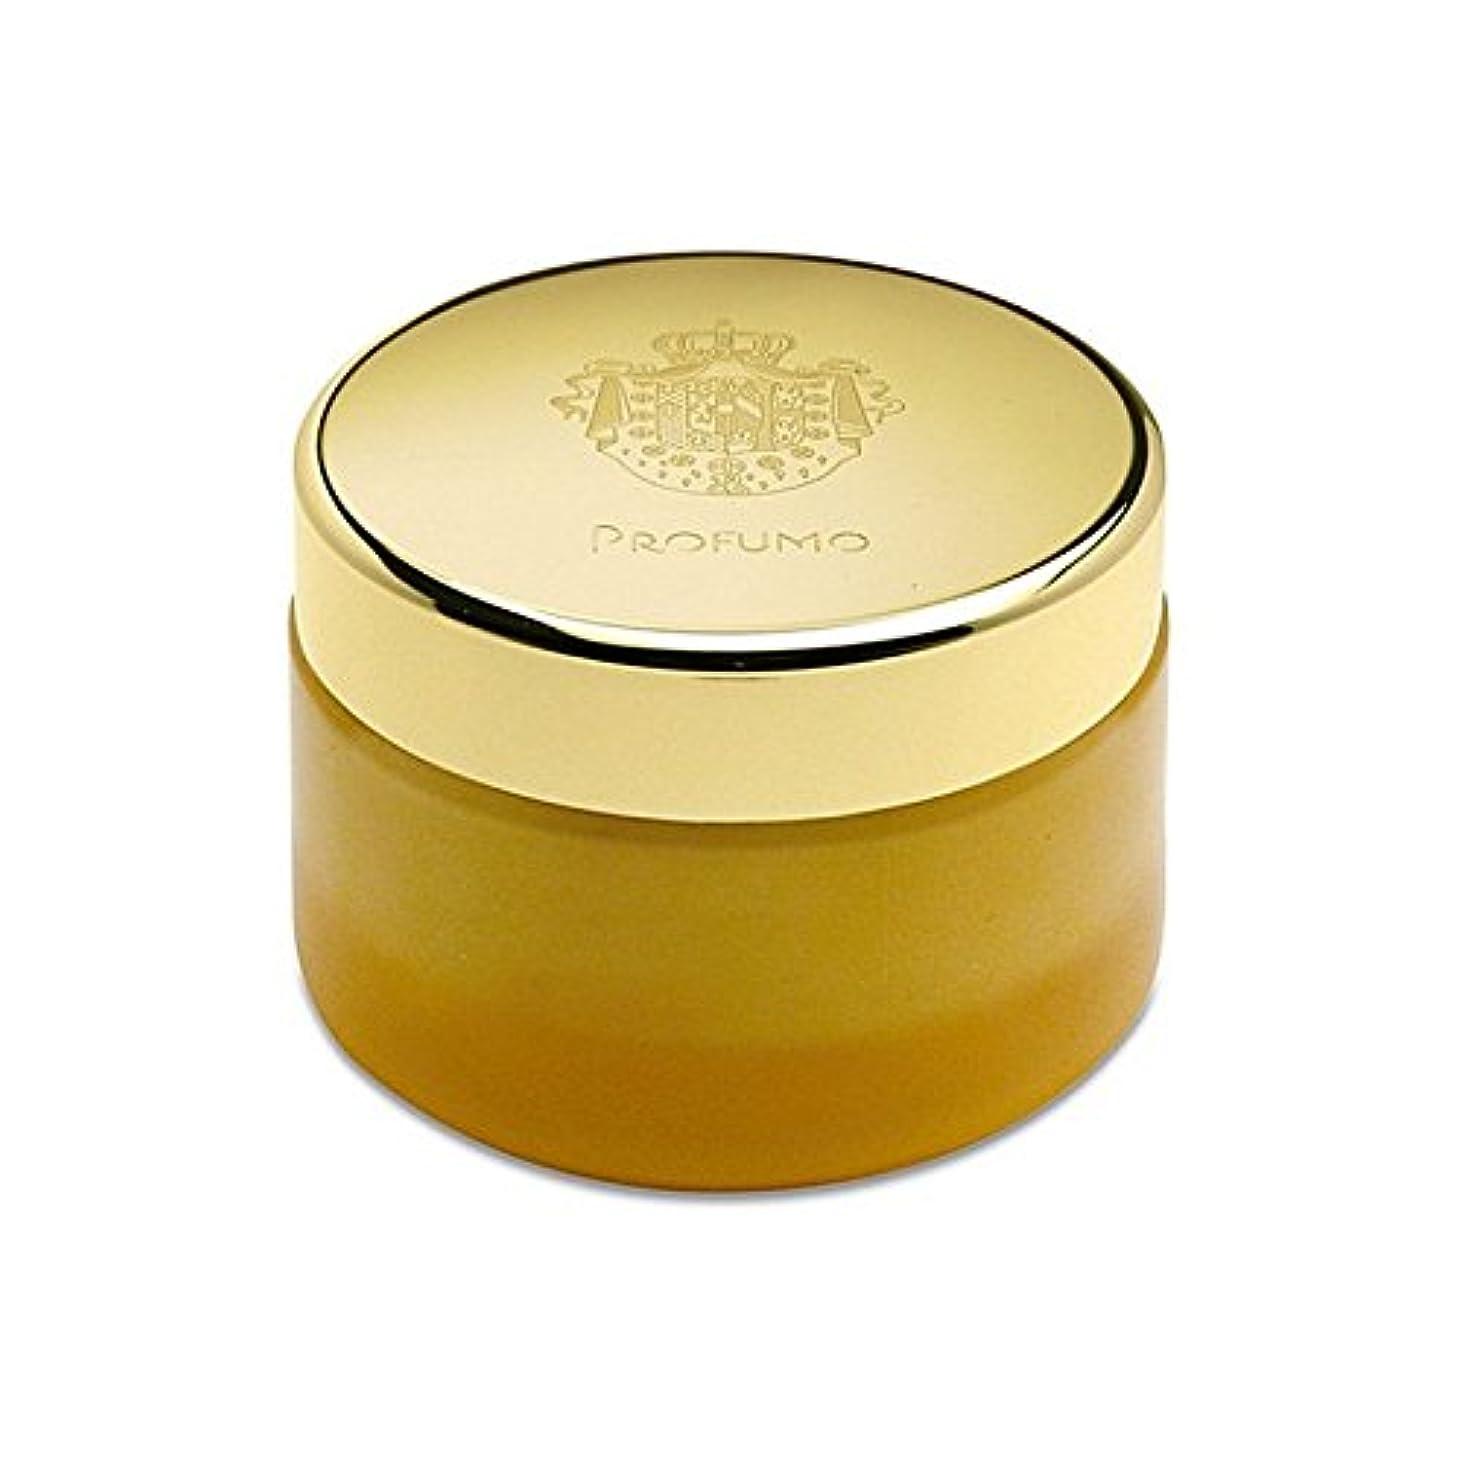 豊富な絶壁数字Acqua Di Parma Profumo Body Cream 200ml - アクアディパルマボディクリーム200ミリリットル [並行輸入品]